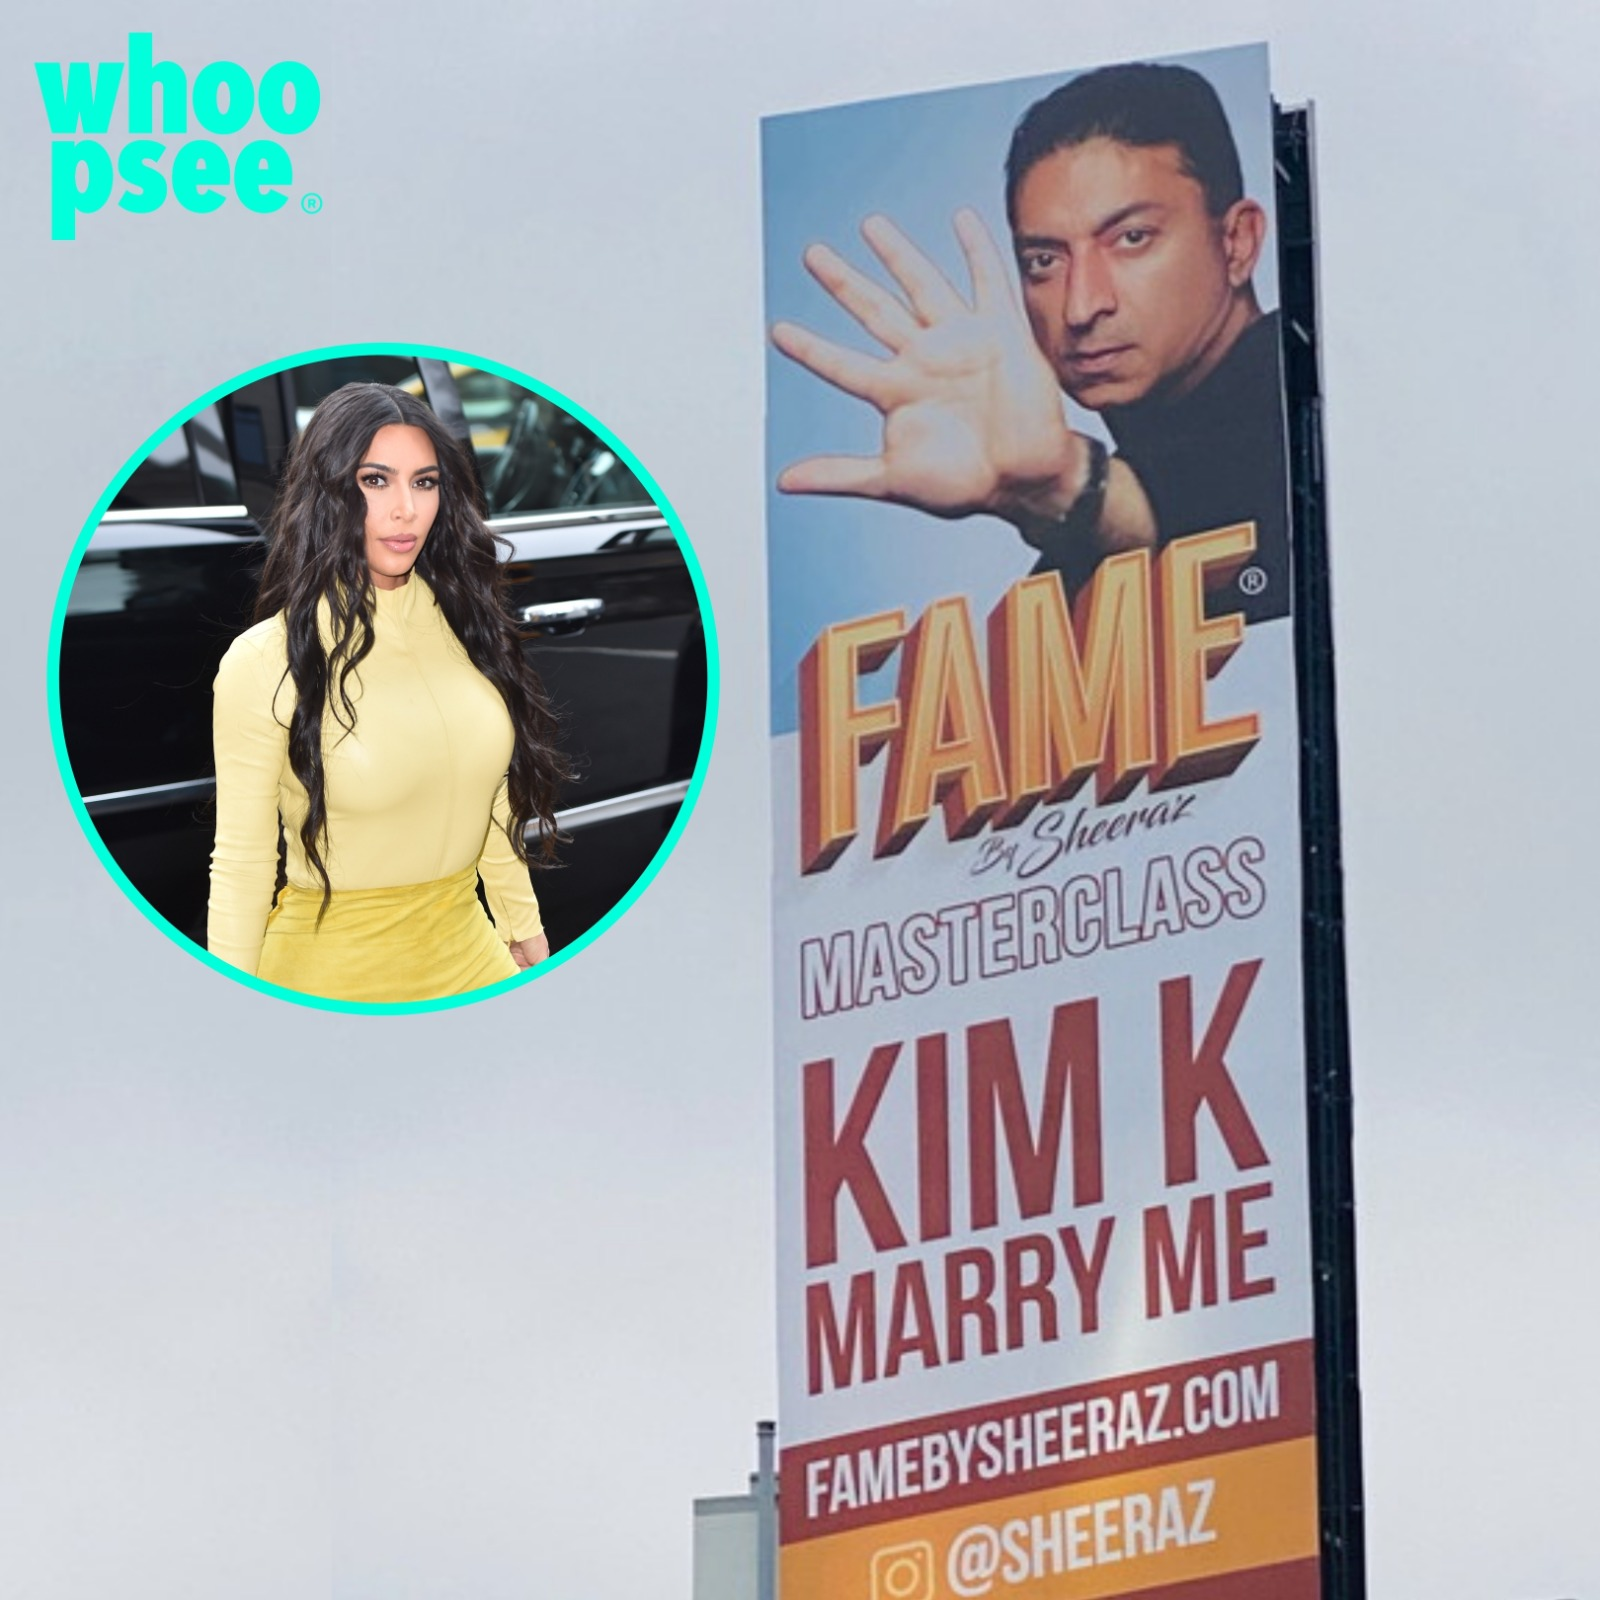 Cartellone proposta di matrimonio a Kim Kardashian